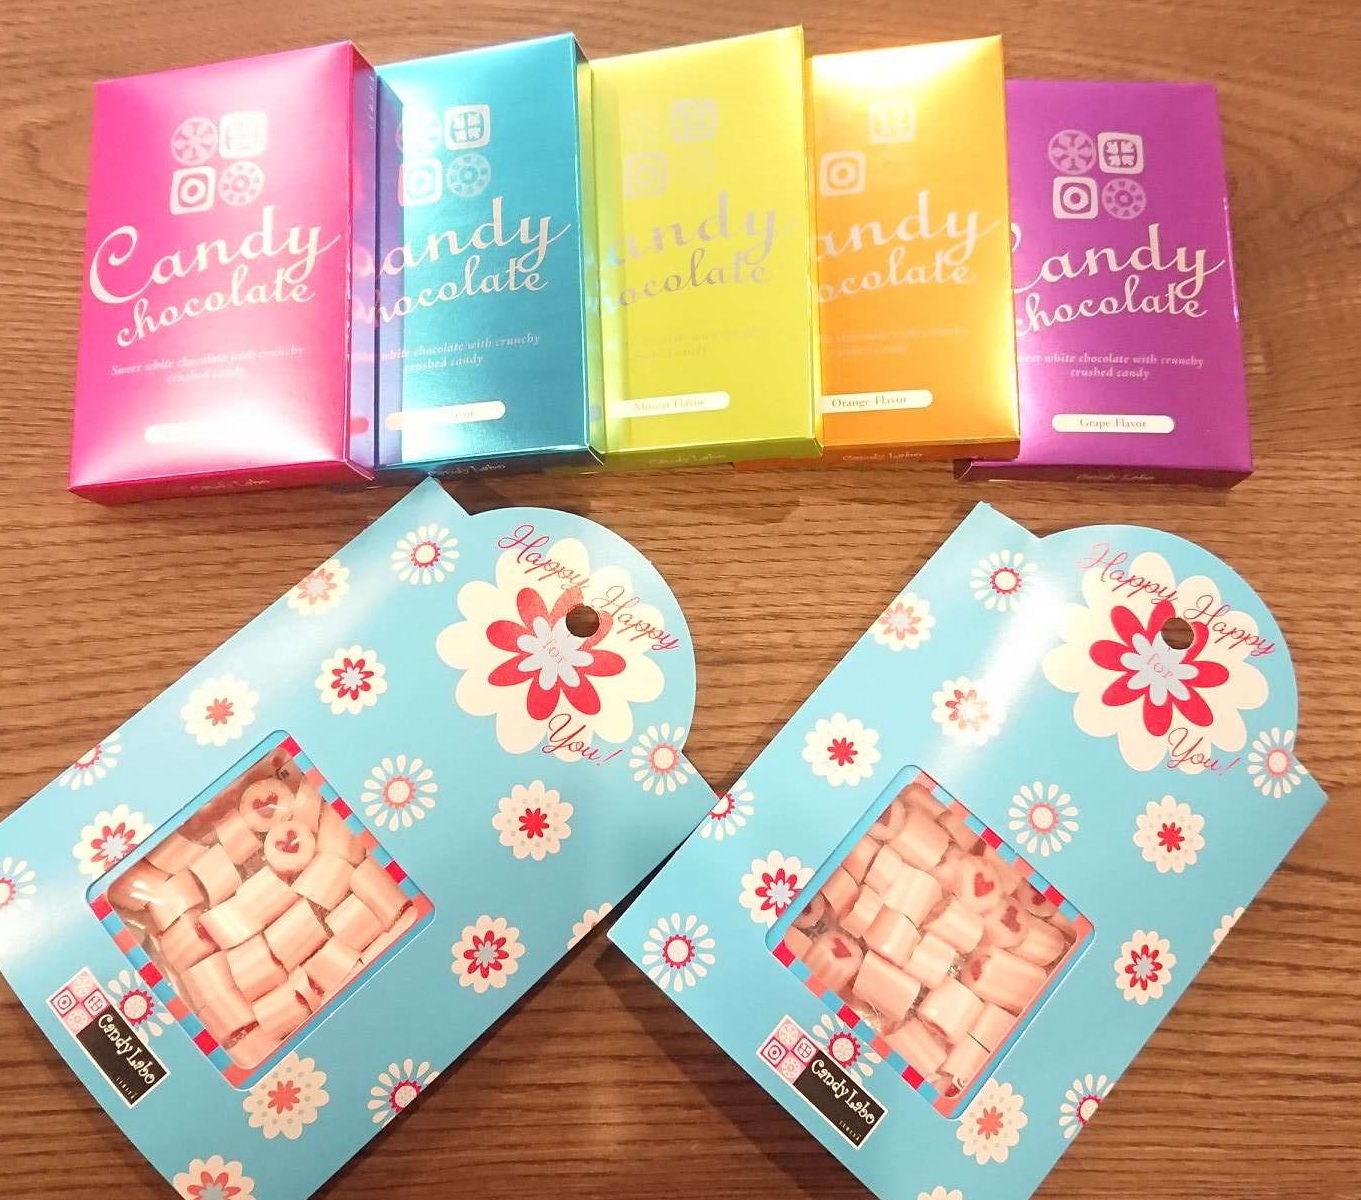 キャンディチョコレート